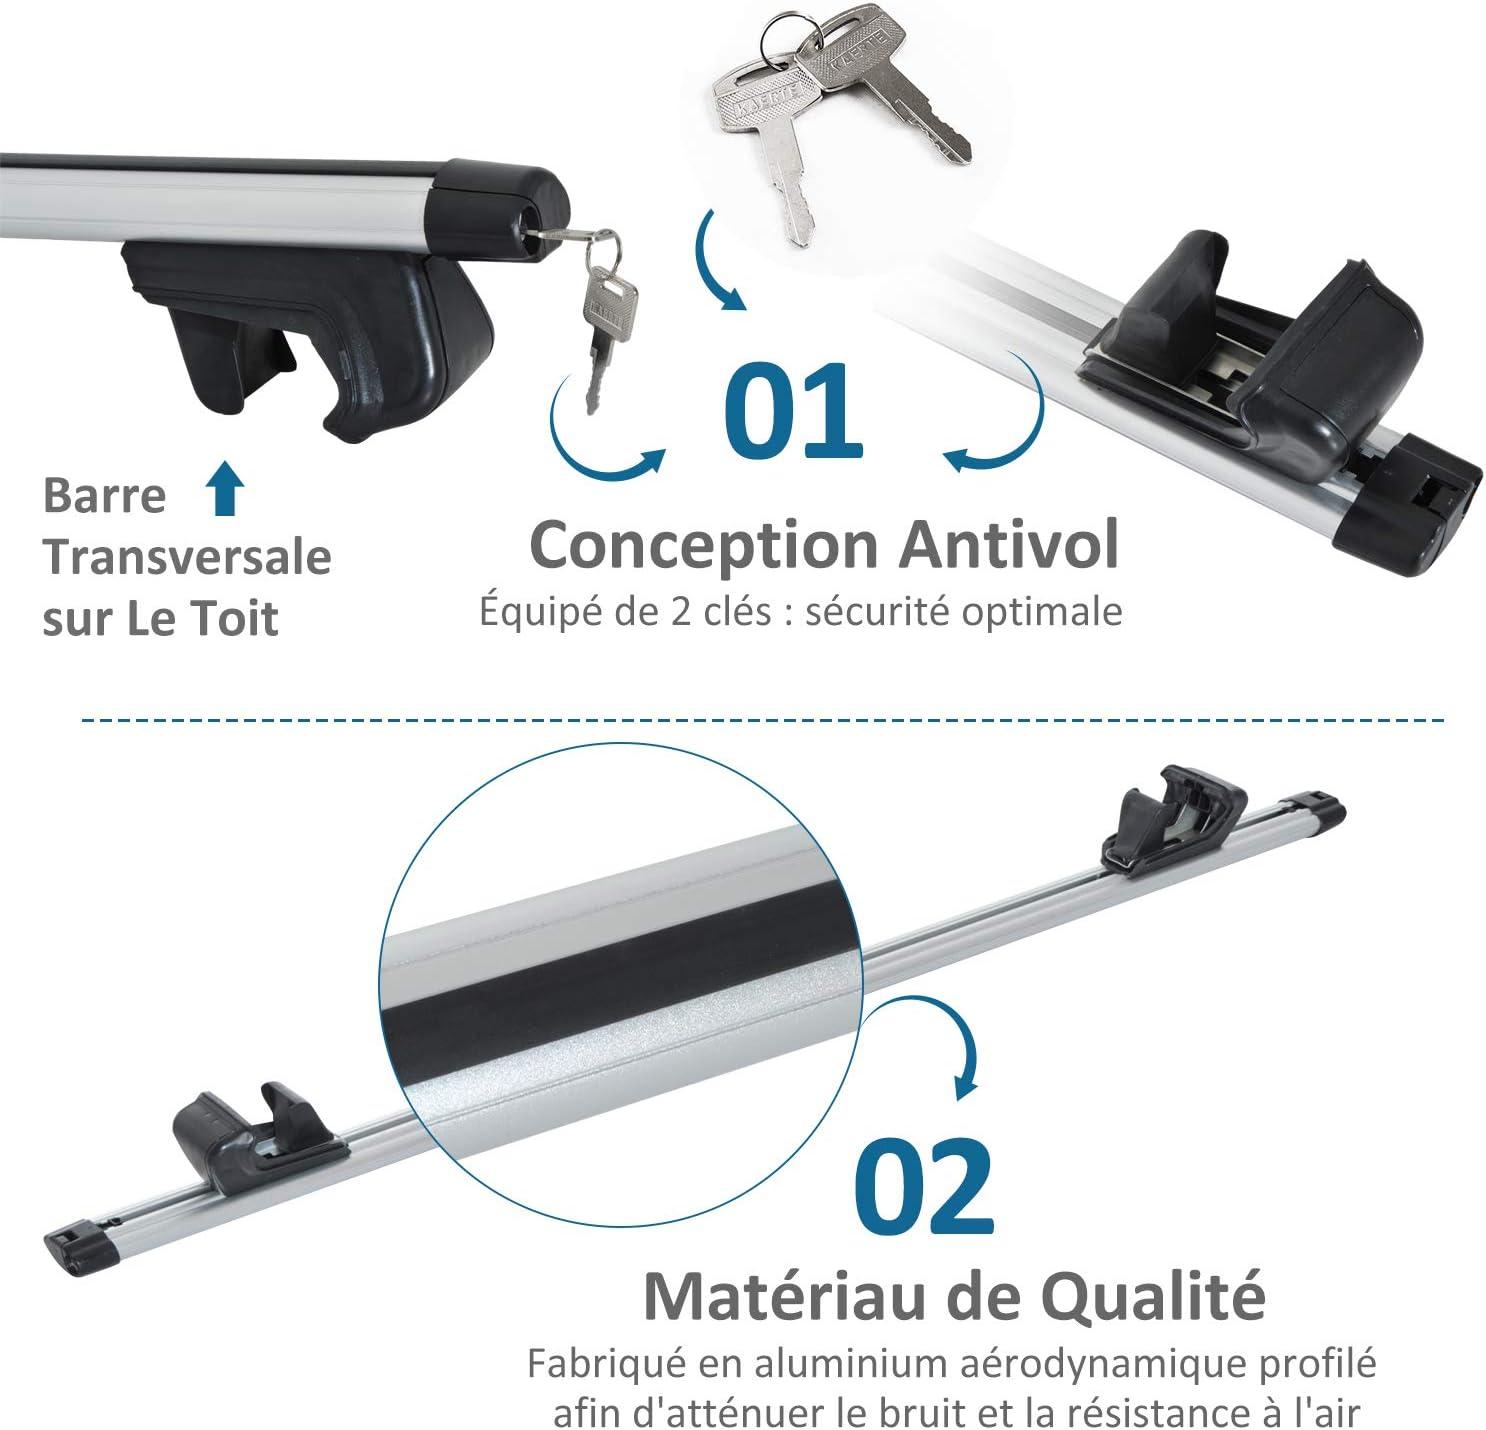 Homcom Barres de Toit universelles verrouillables pour Voiture Aluminium 135L x 13l x 7H cm Gris Noir